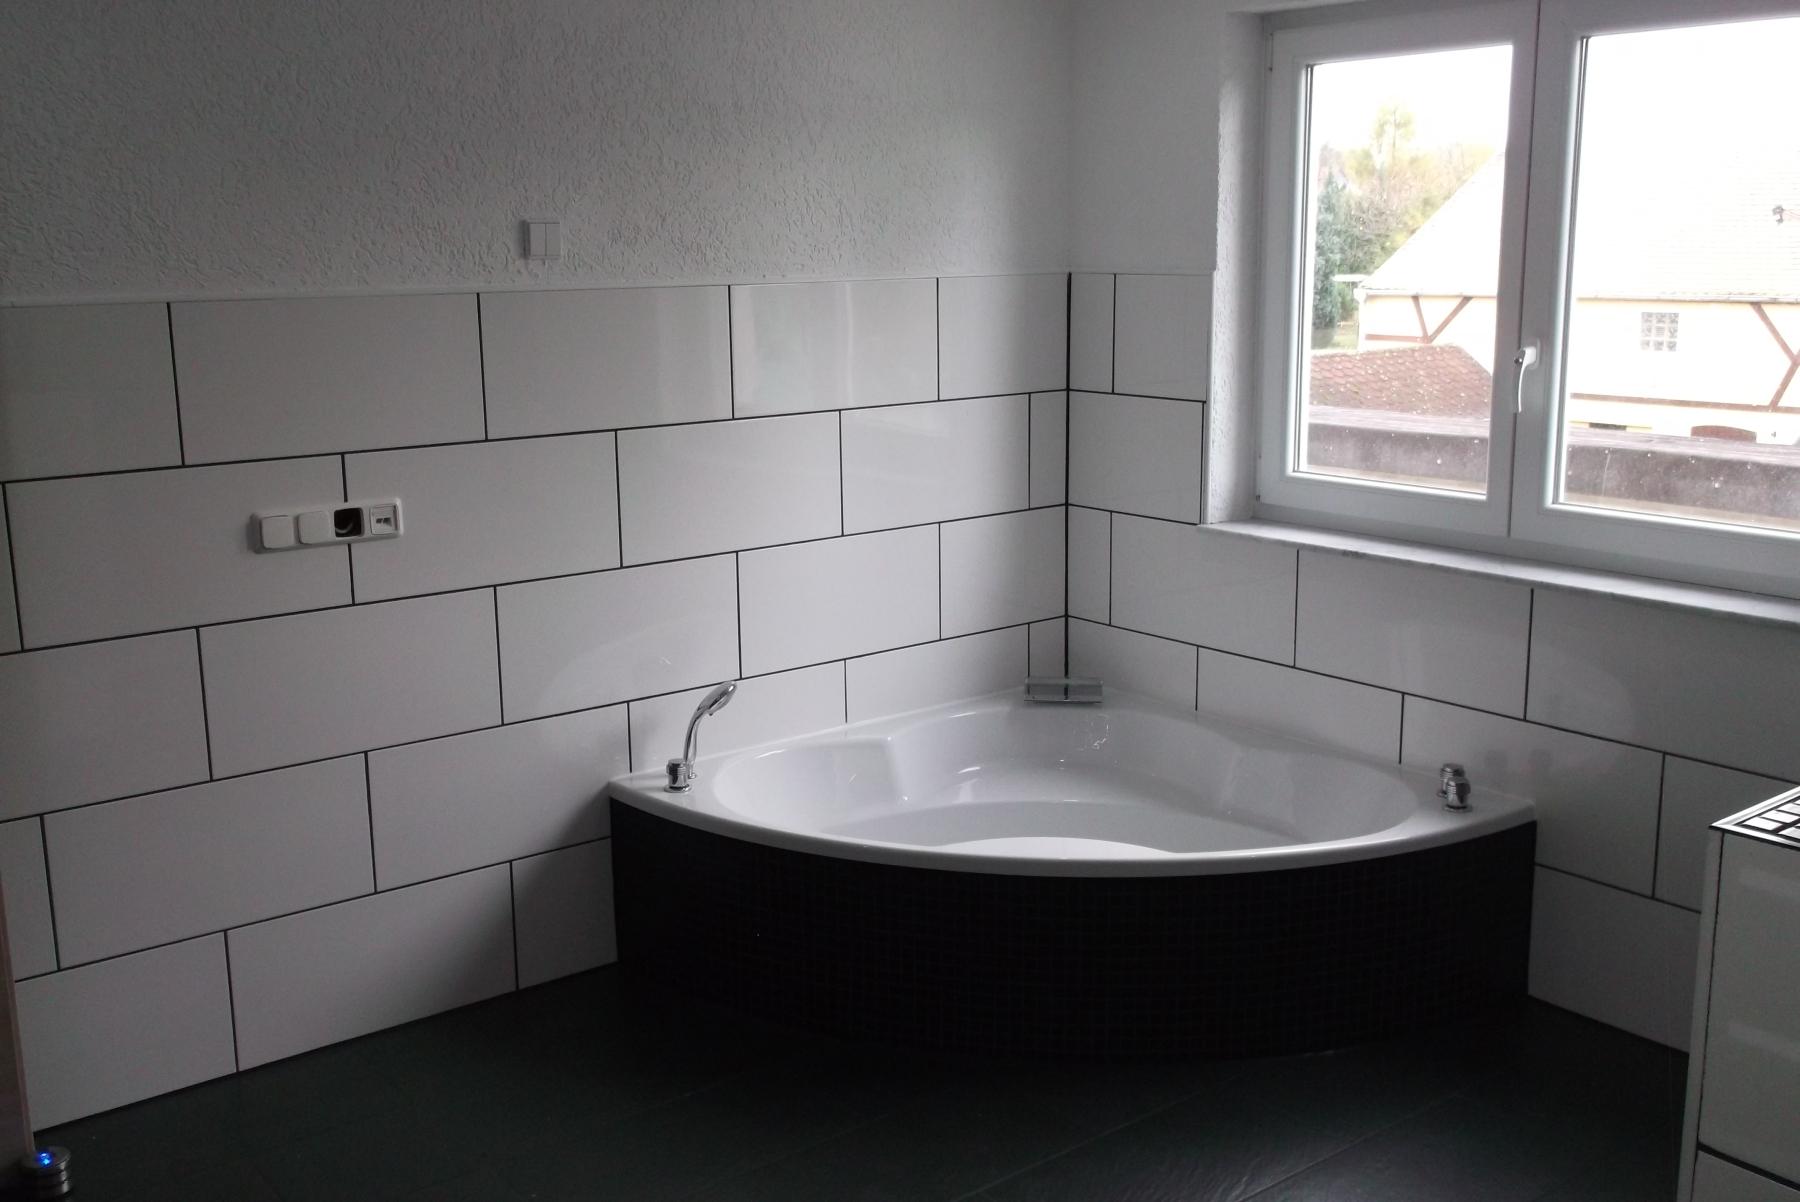 Der vid in gefickt badewanne